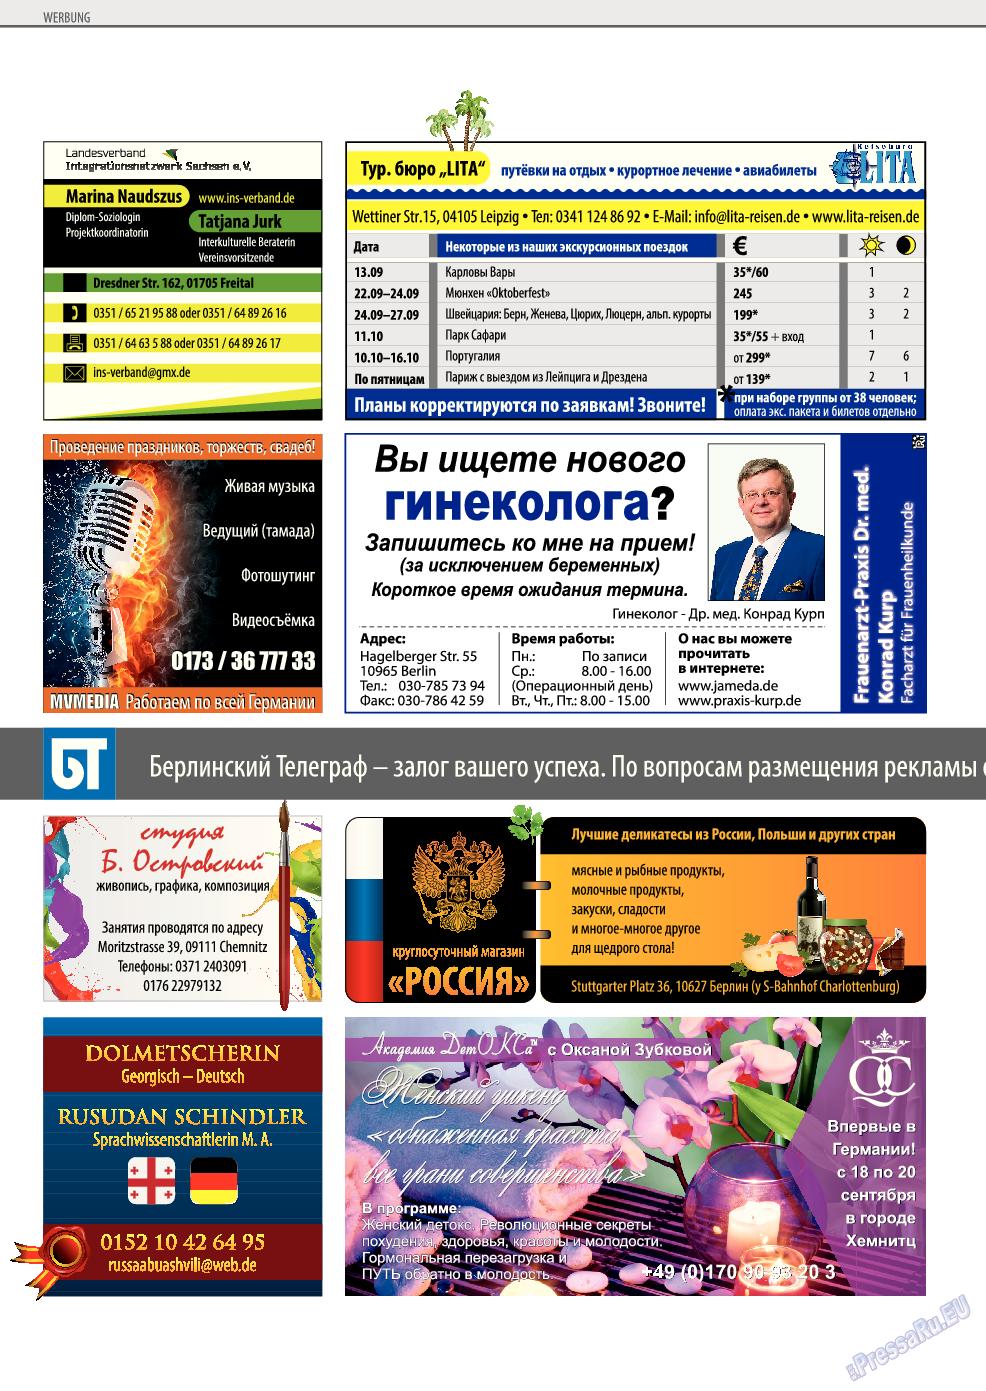 Берлинский телеграф (журнал). 2015 год, номер 9, стр. 36